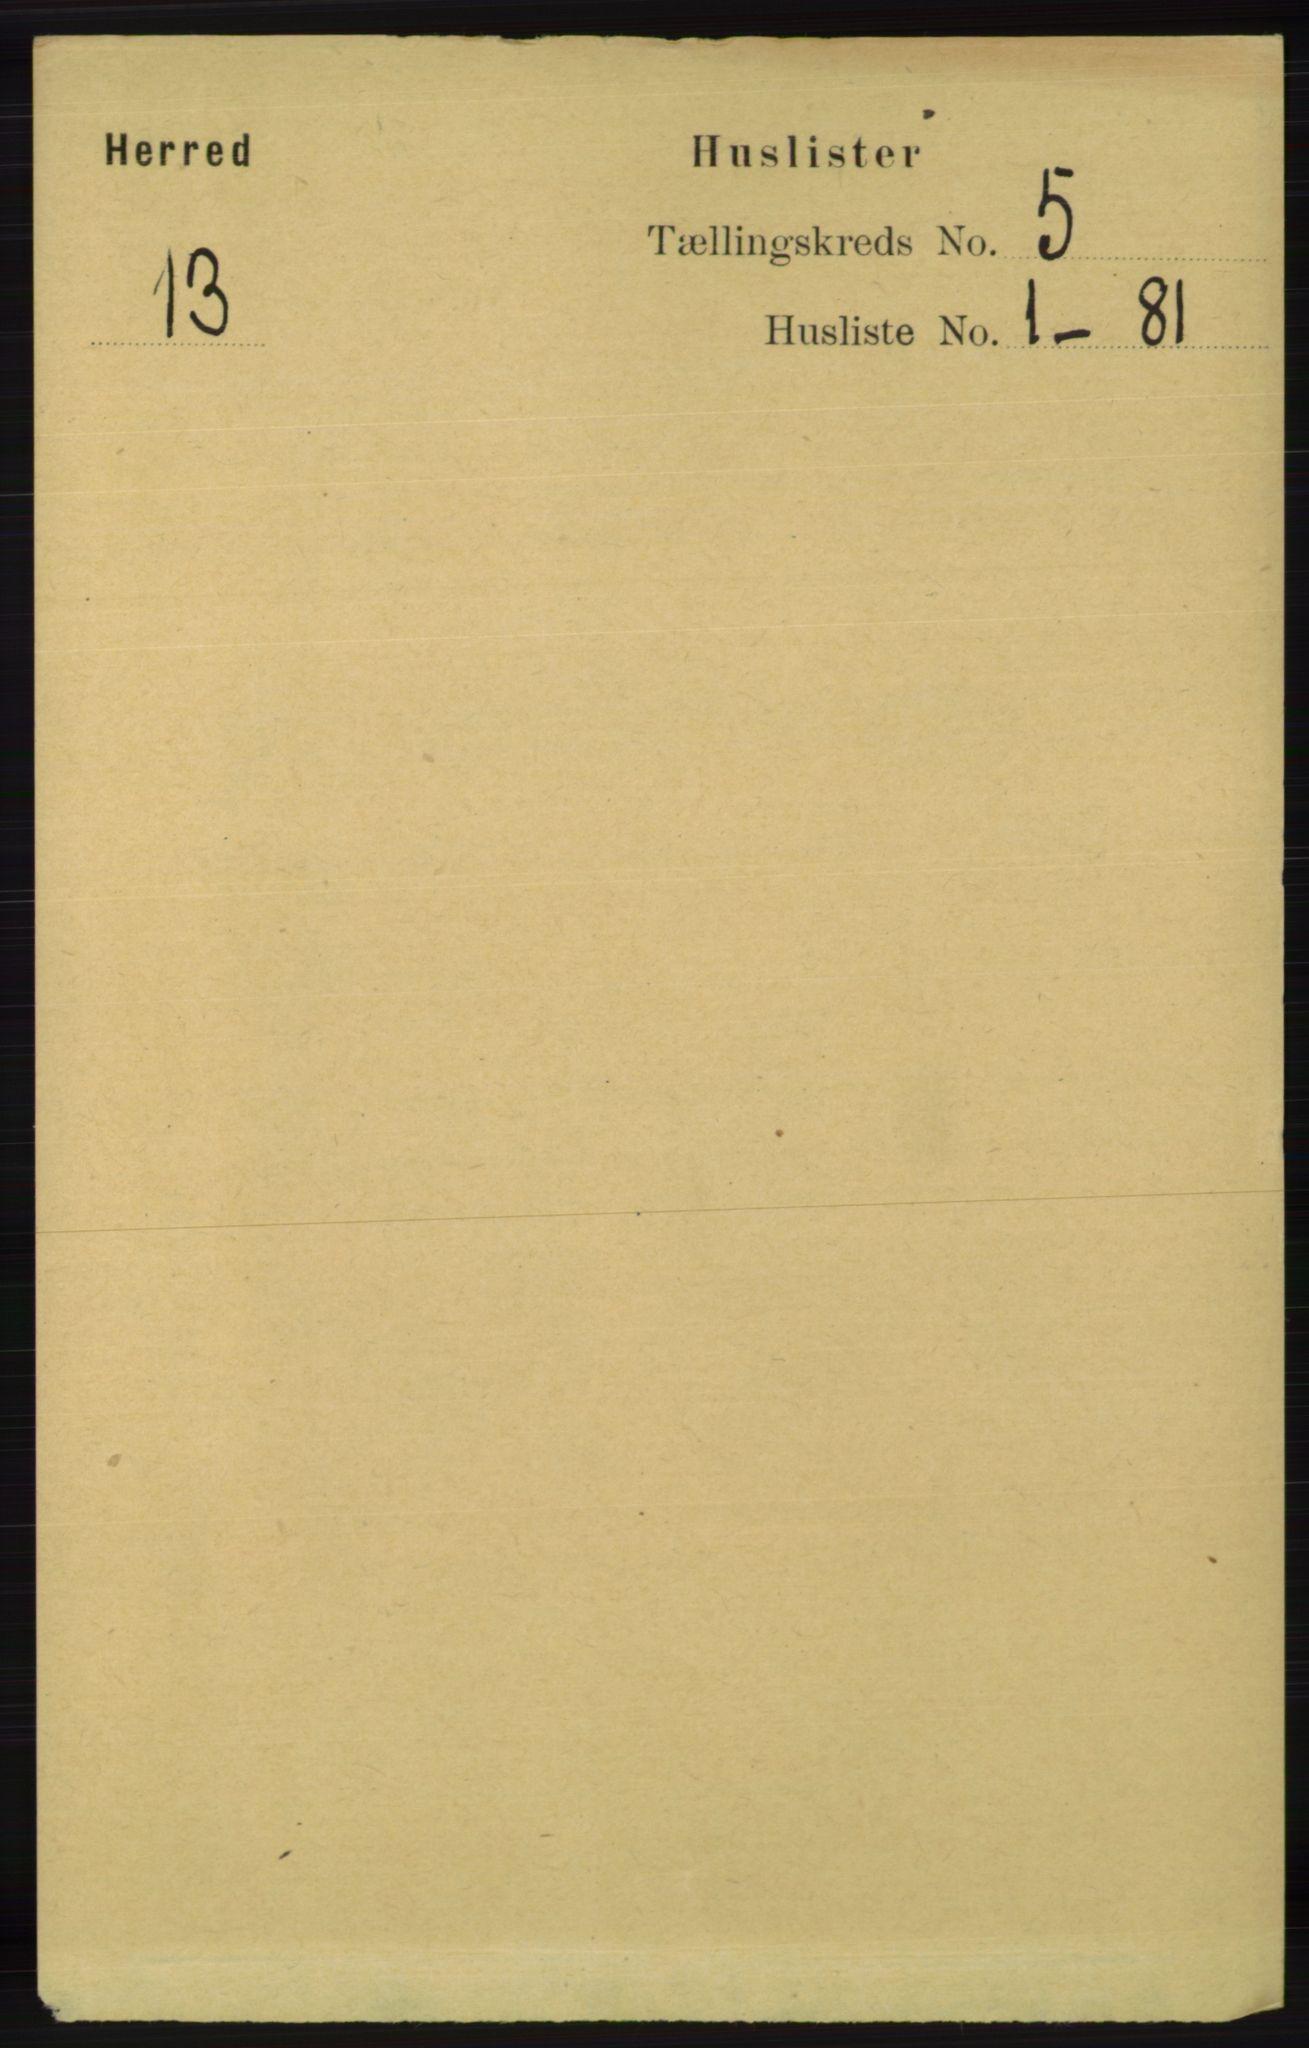 RA, Folketelling 1891 for 1039 Herad herred, 1891, s. 1726